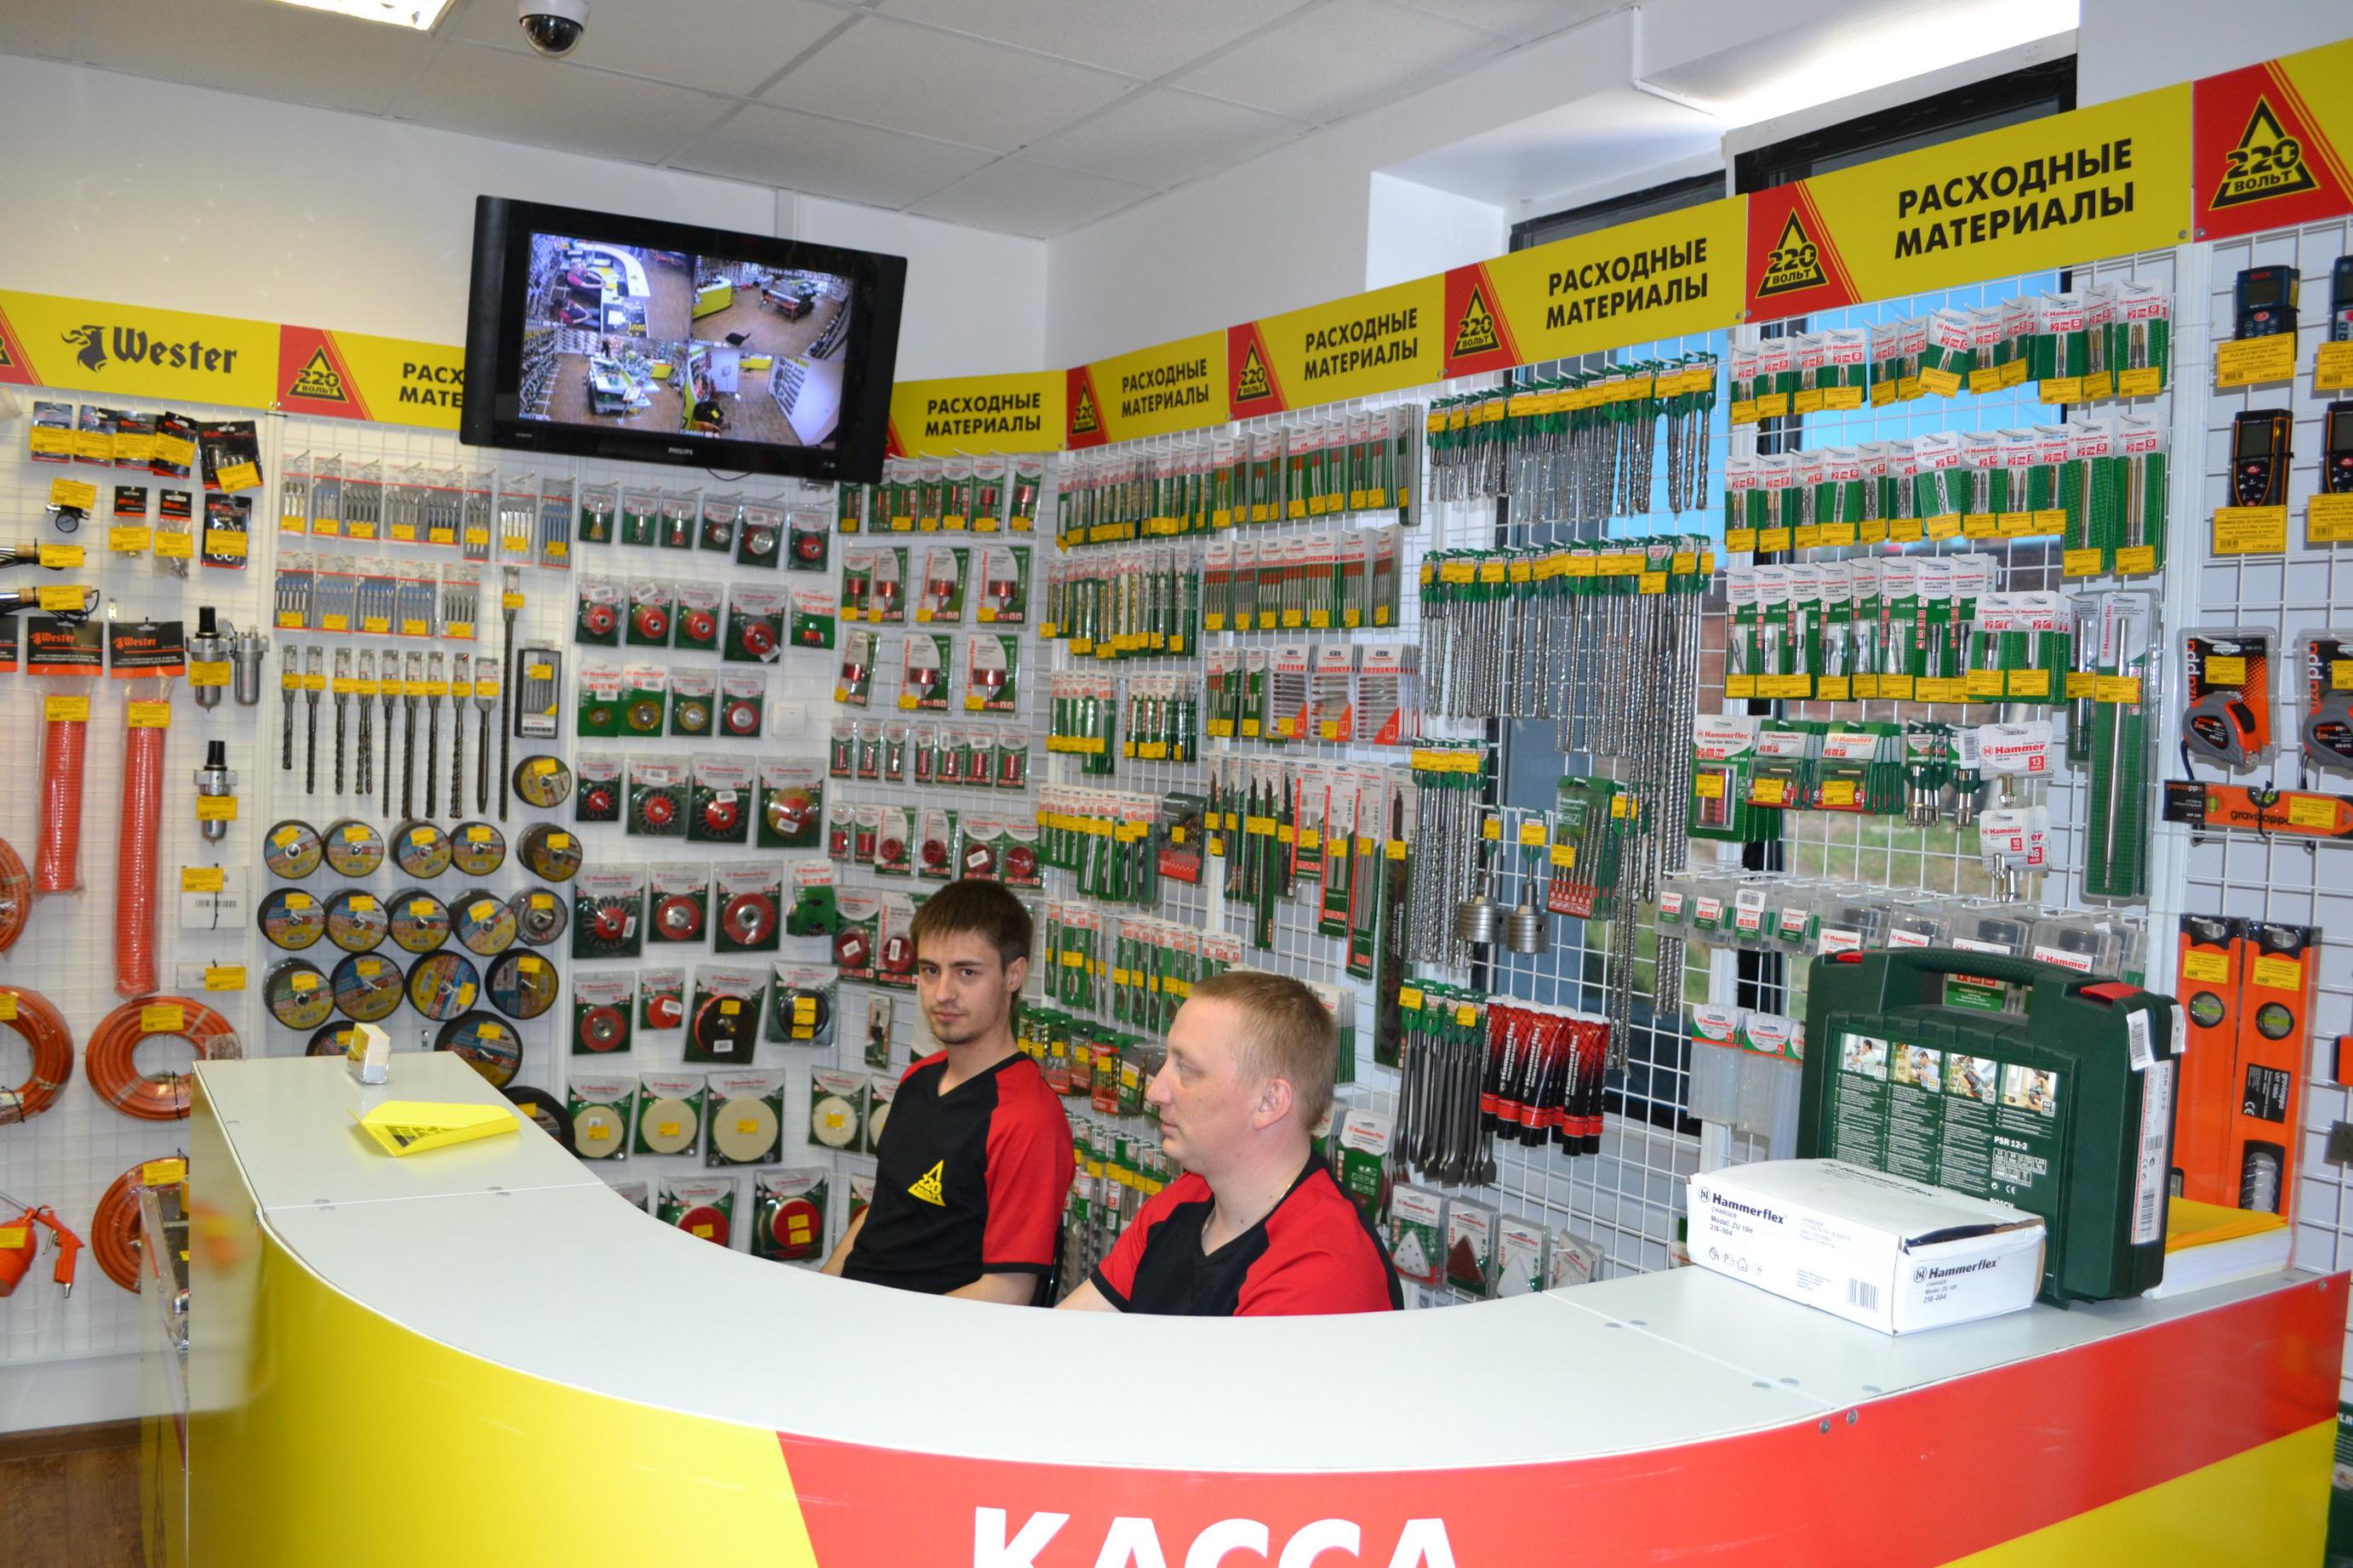 Али Москве 220 вольт новосибирск интернет магазин пожарной